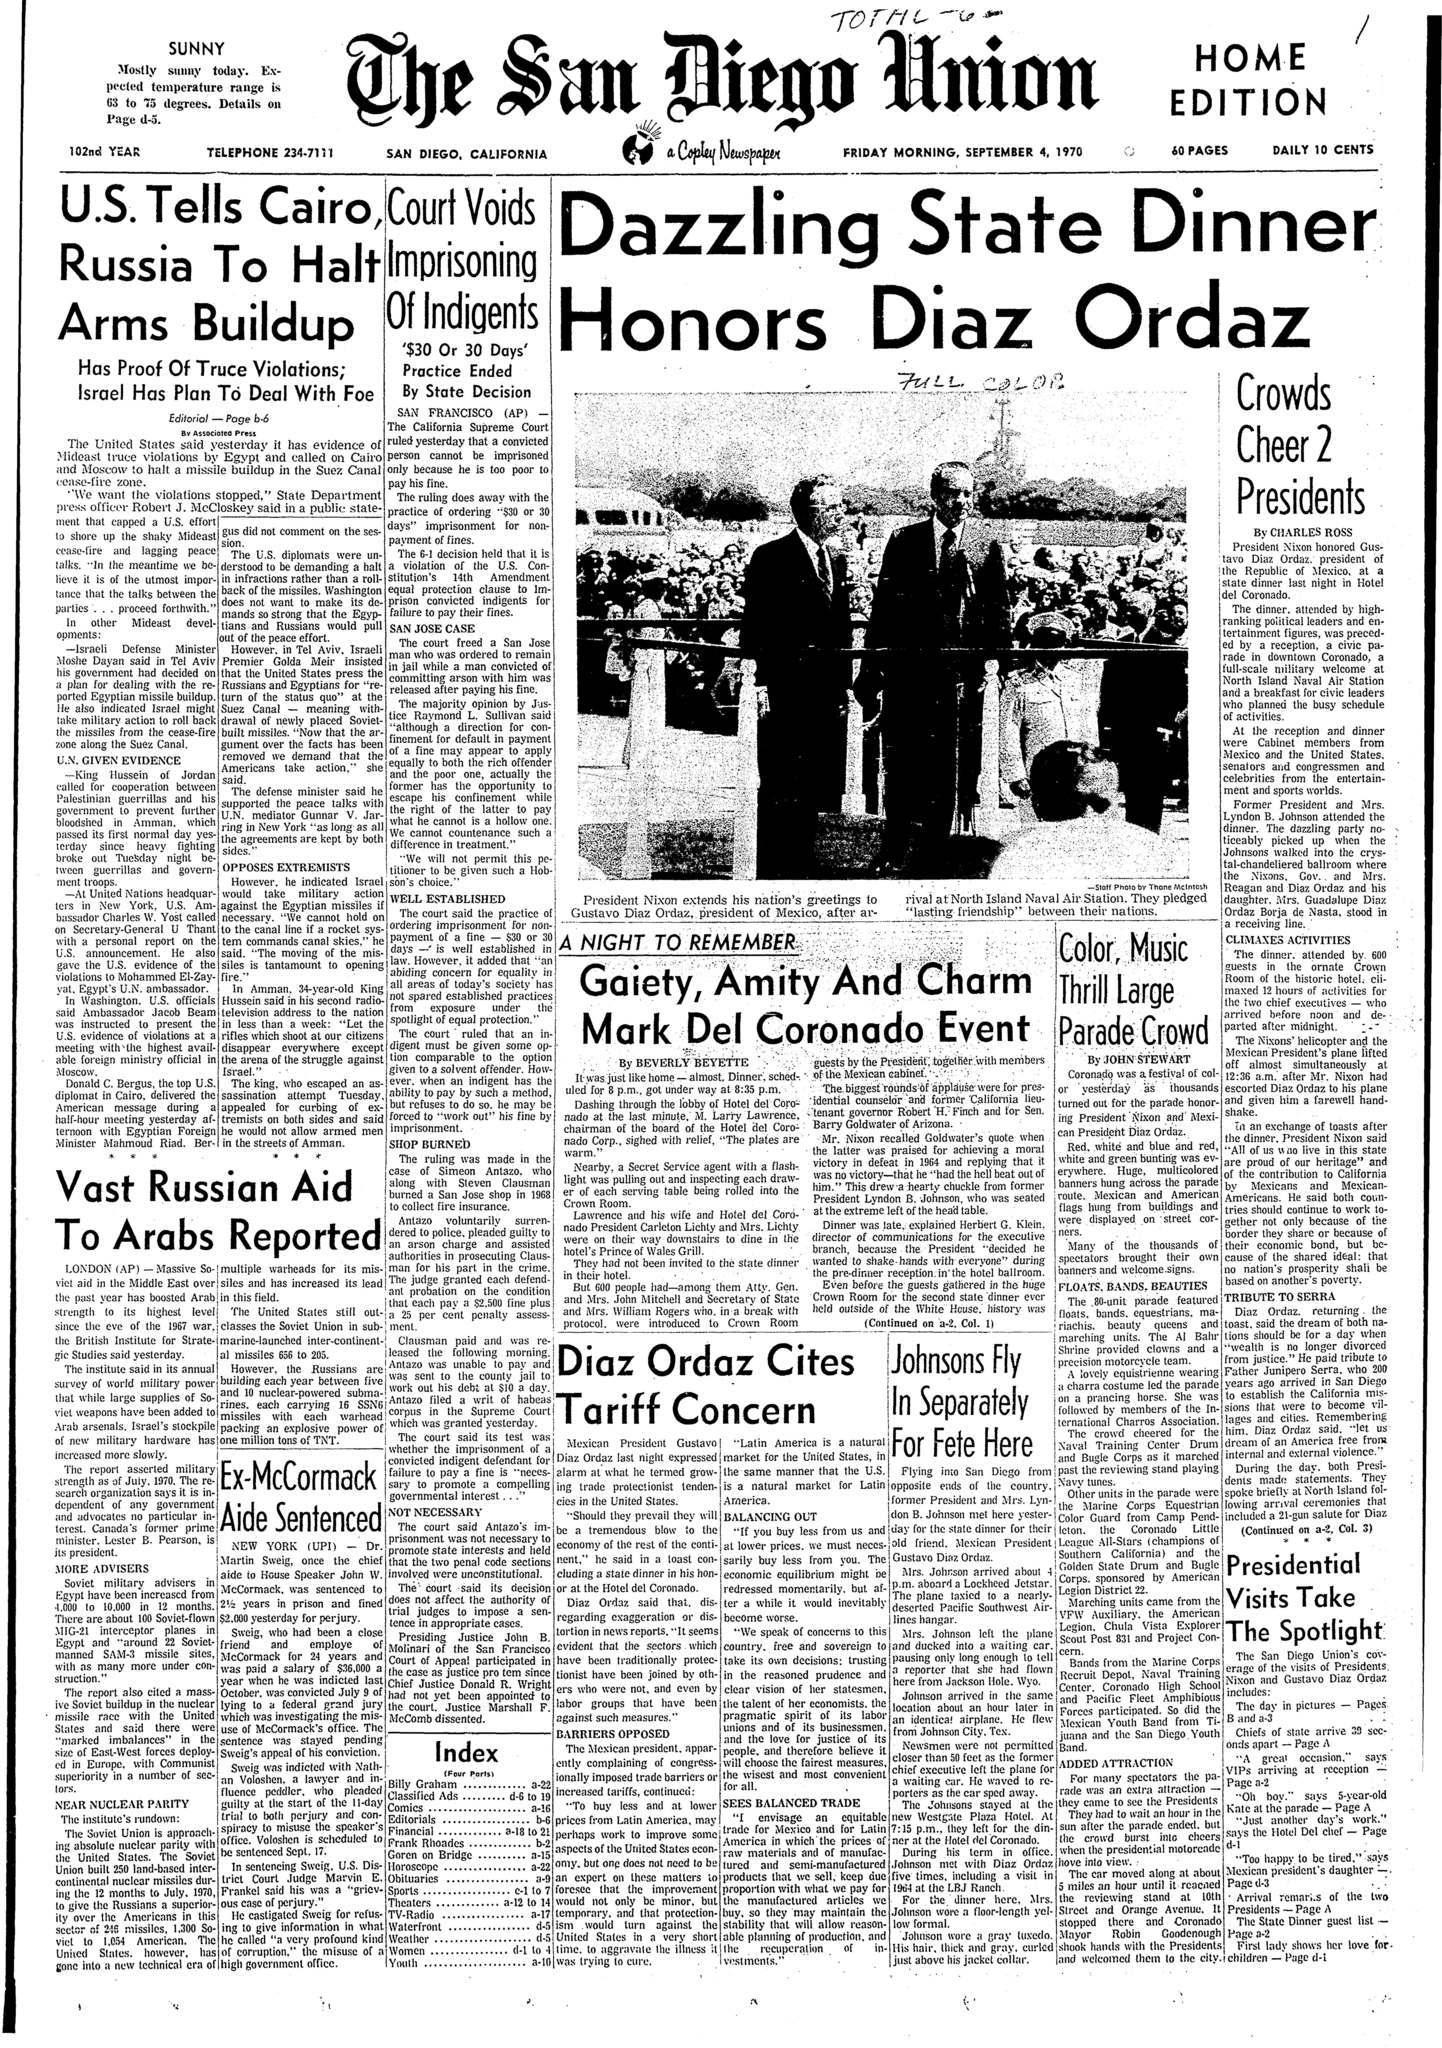 September 4, 1970